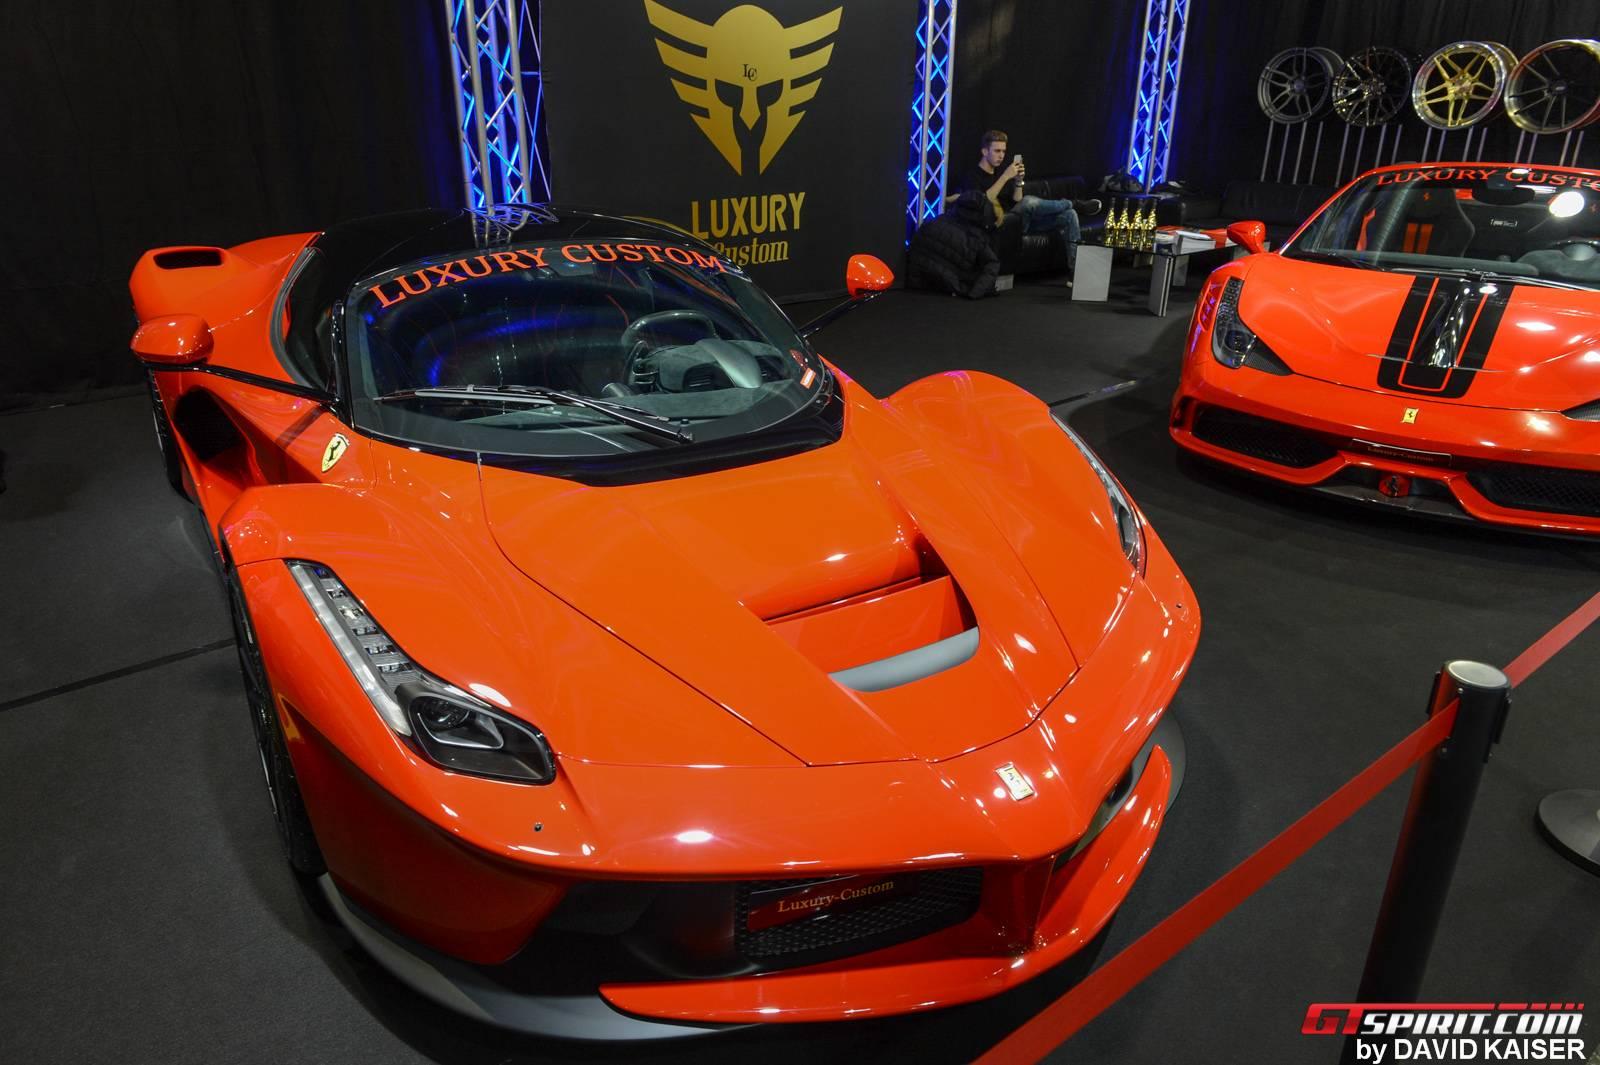 Auto Zurich Ferrari LaFerrari